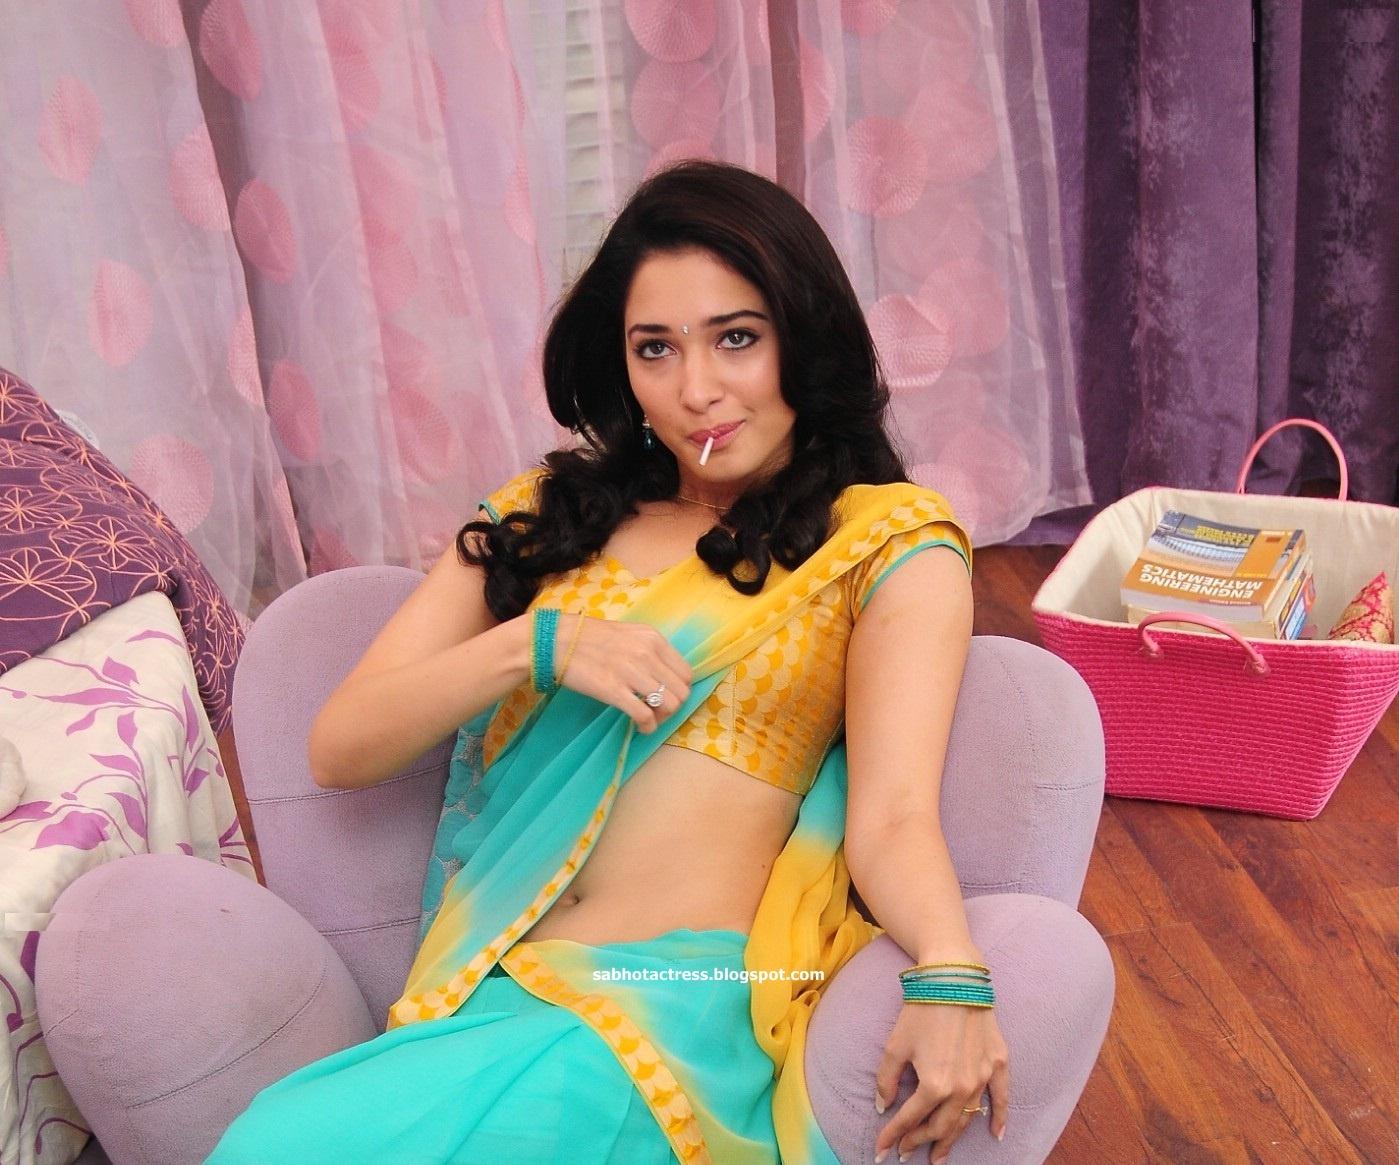 allah-hafiz: hot actress